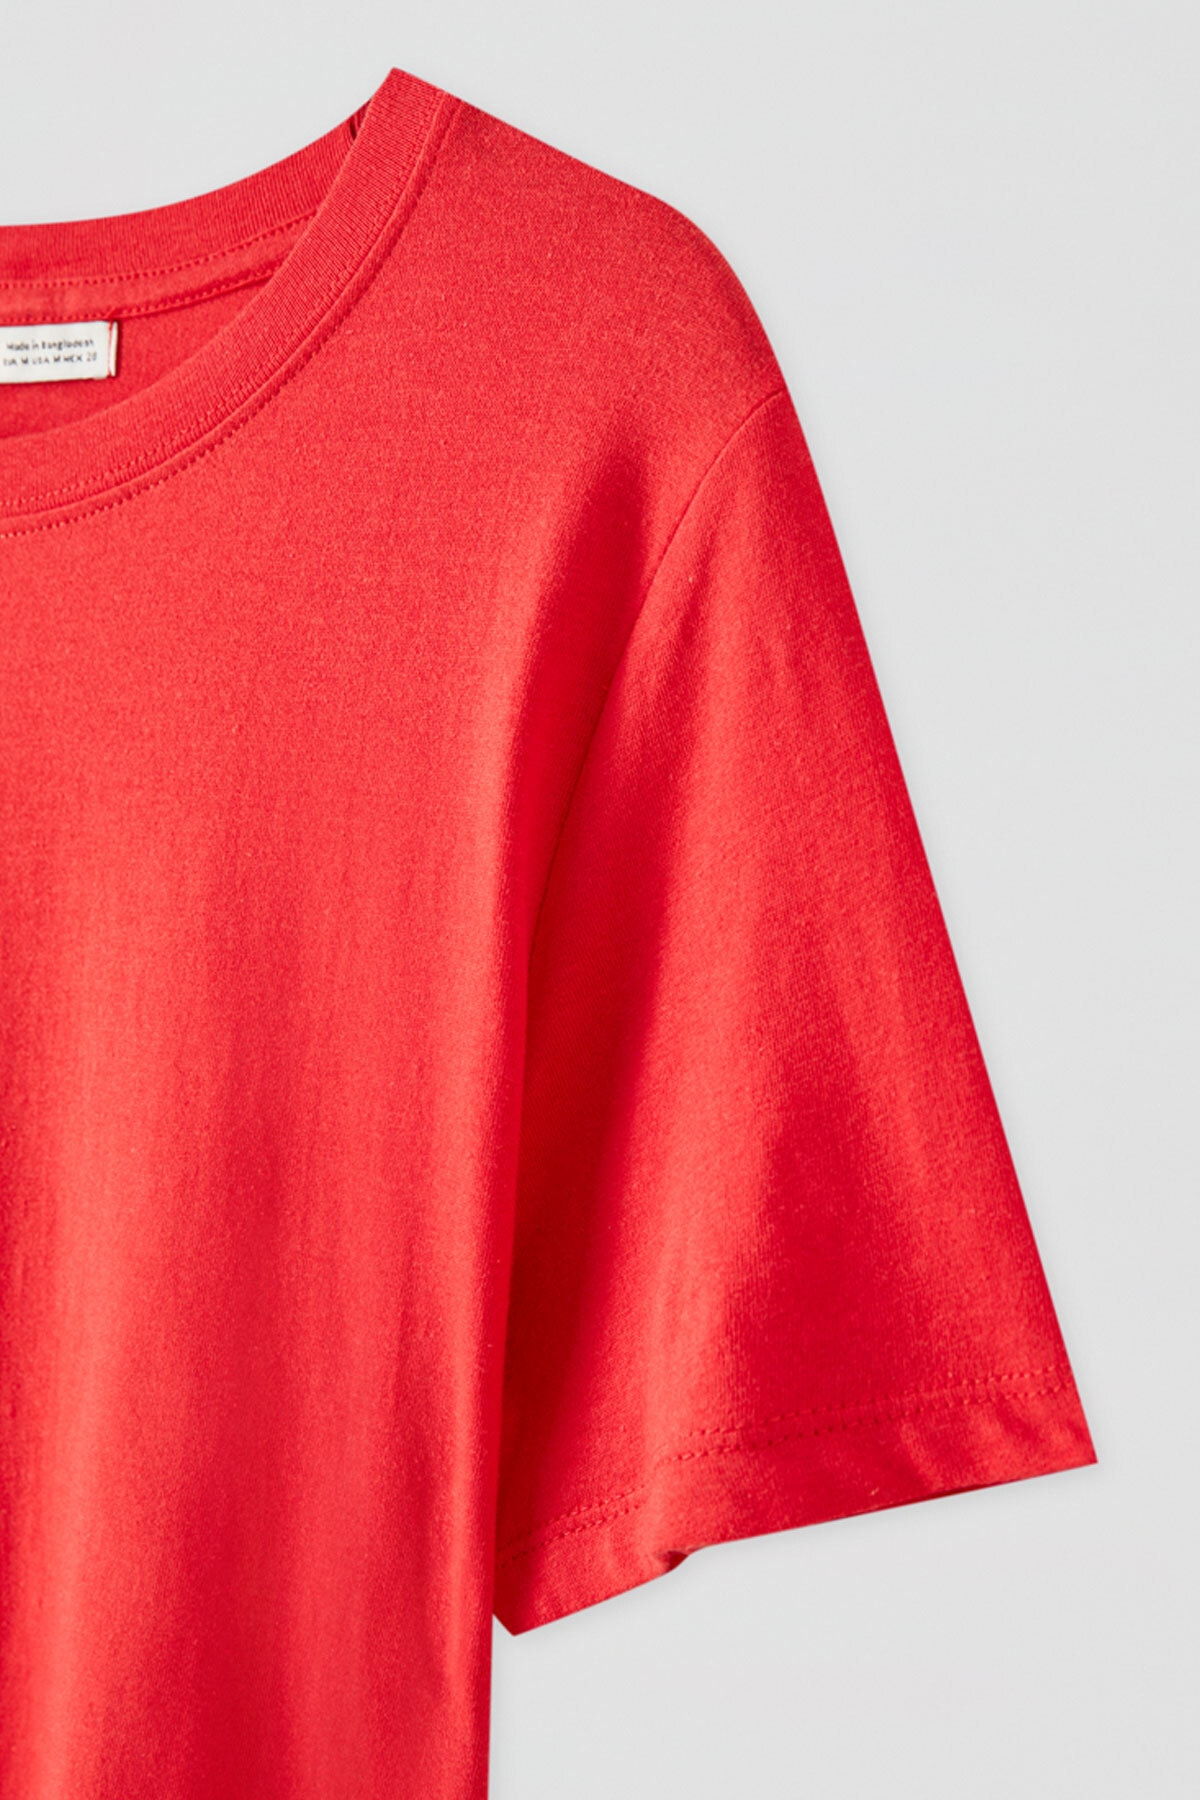 Pull & Bear Kadın Kırmızı Kısa Kollu Basic T-Shirt 05244357 2